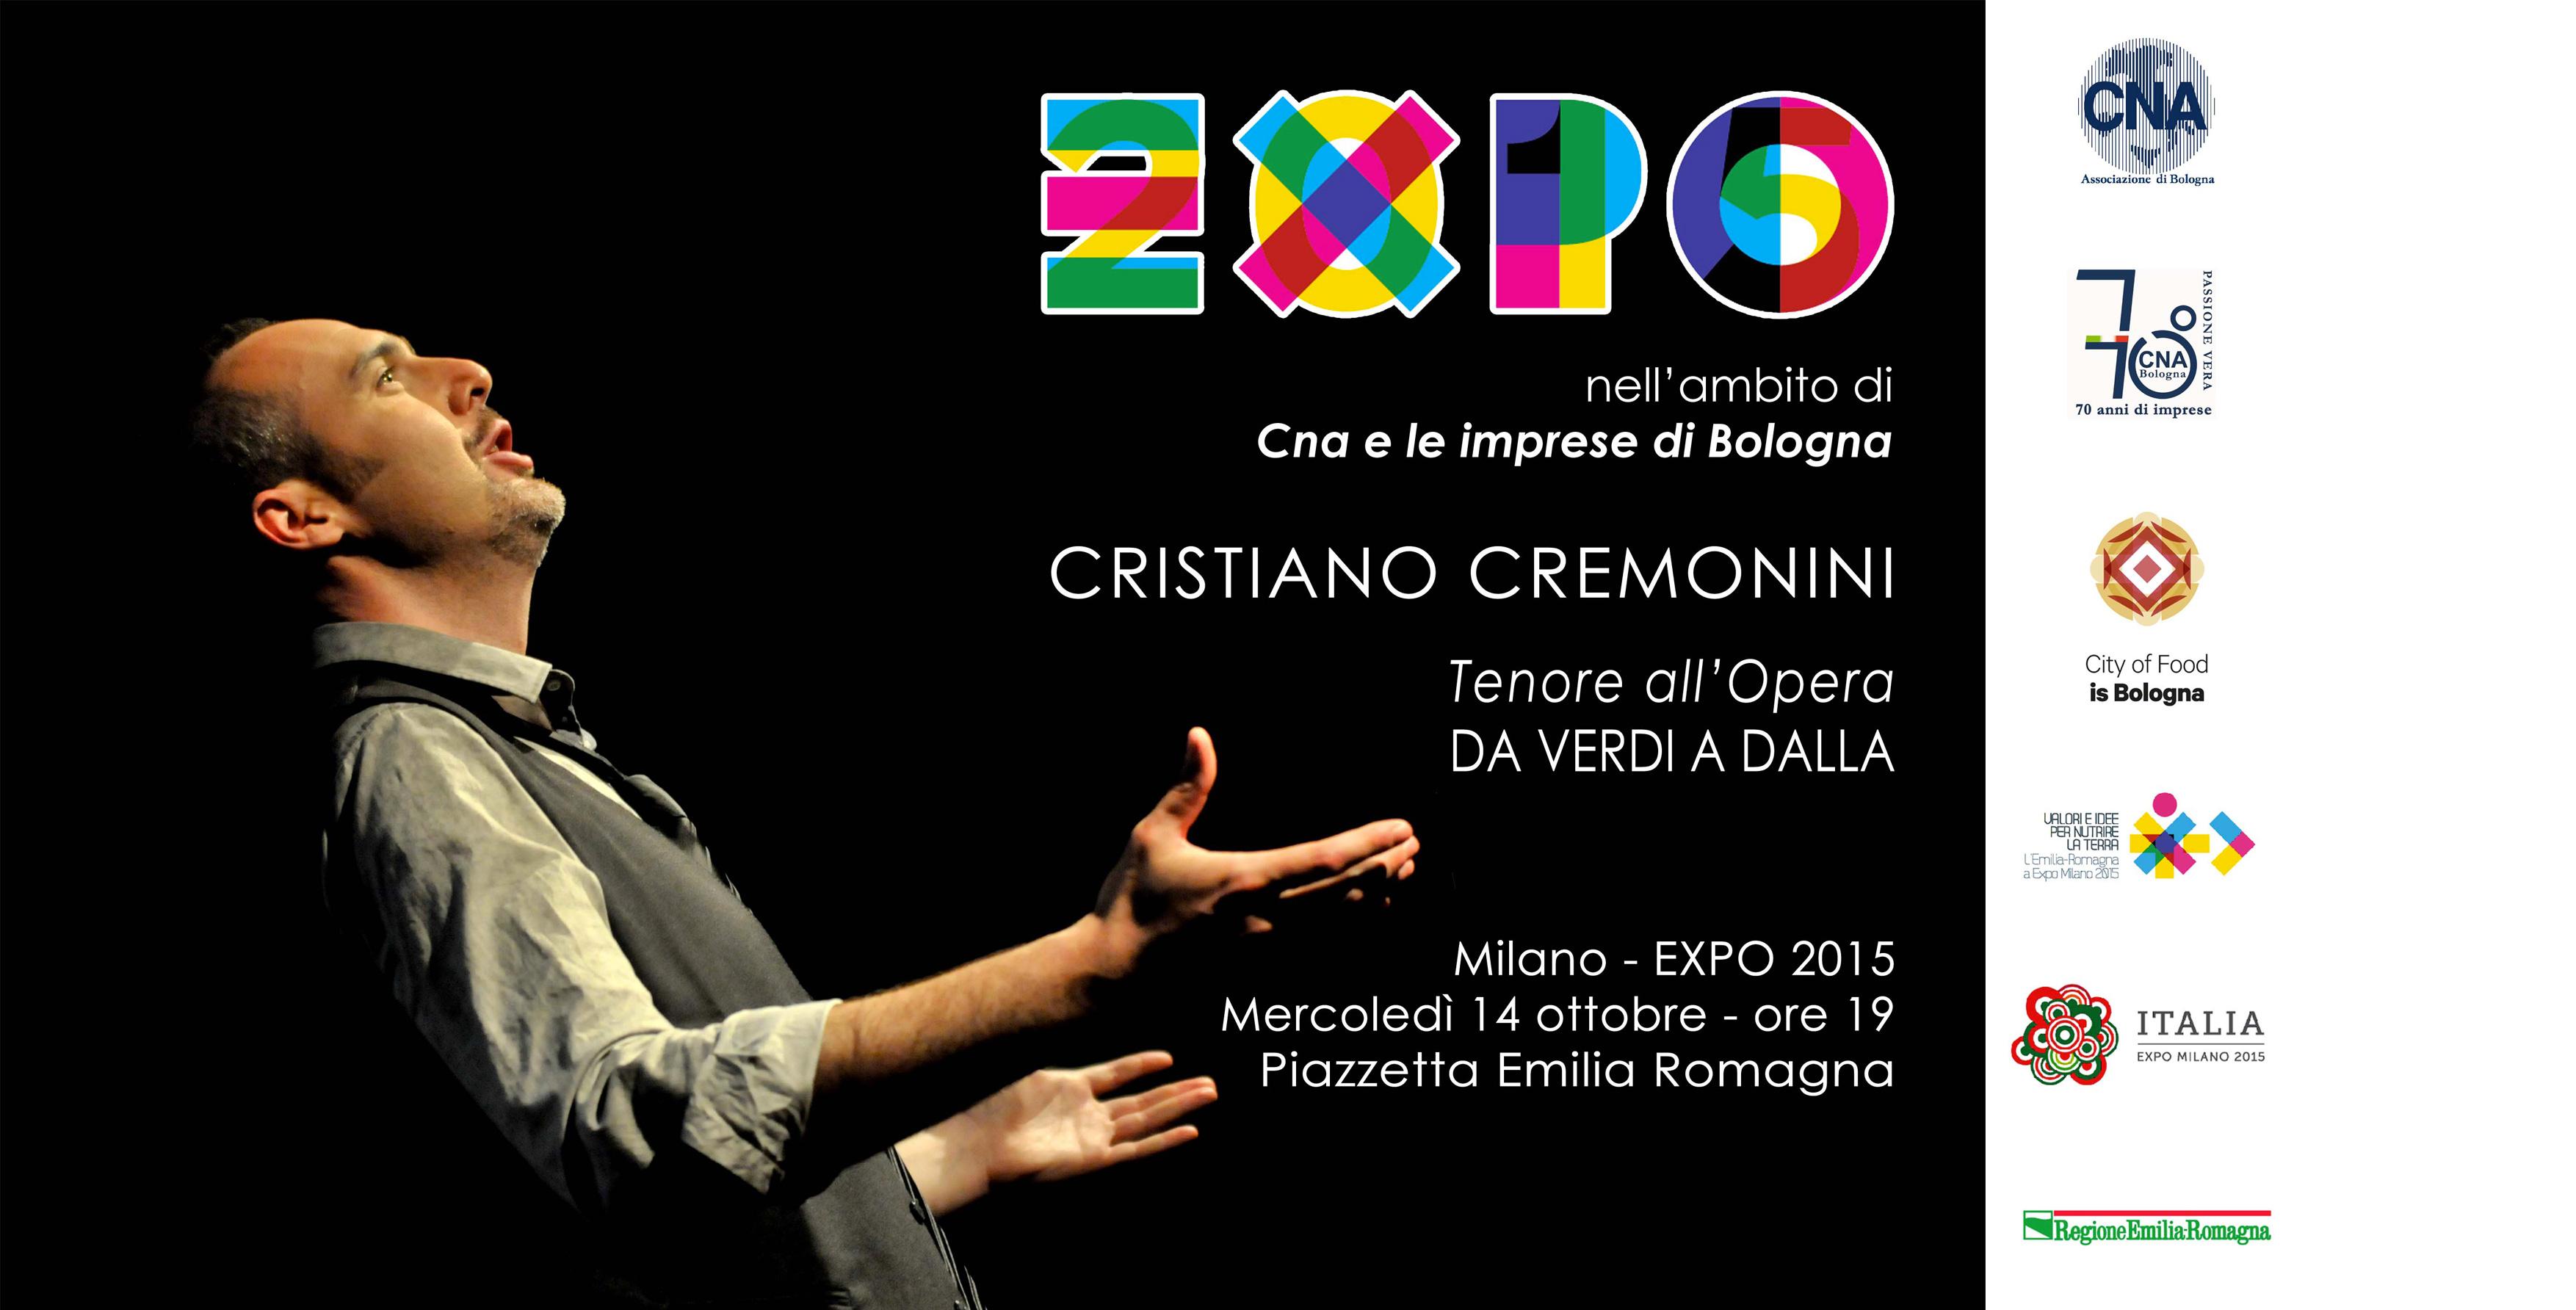 EXPO-2015-Cristiano-Cremonini-tenore1